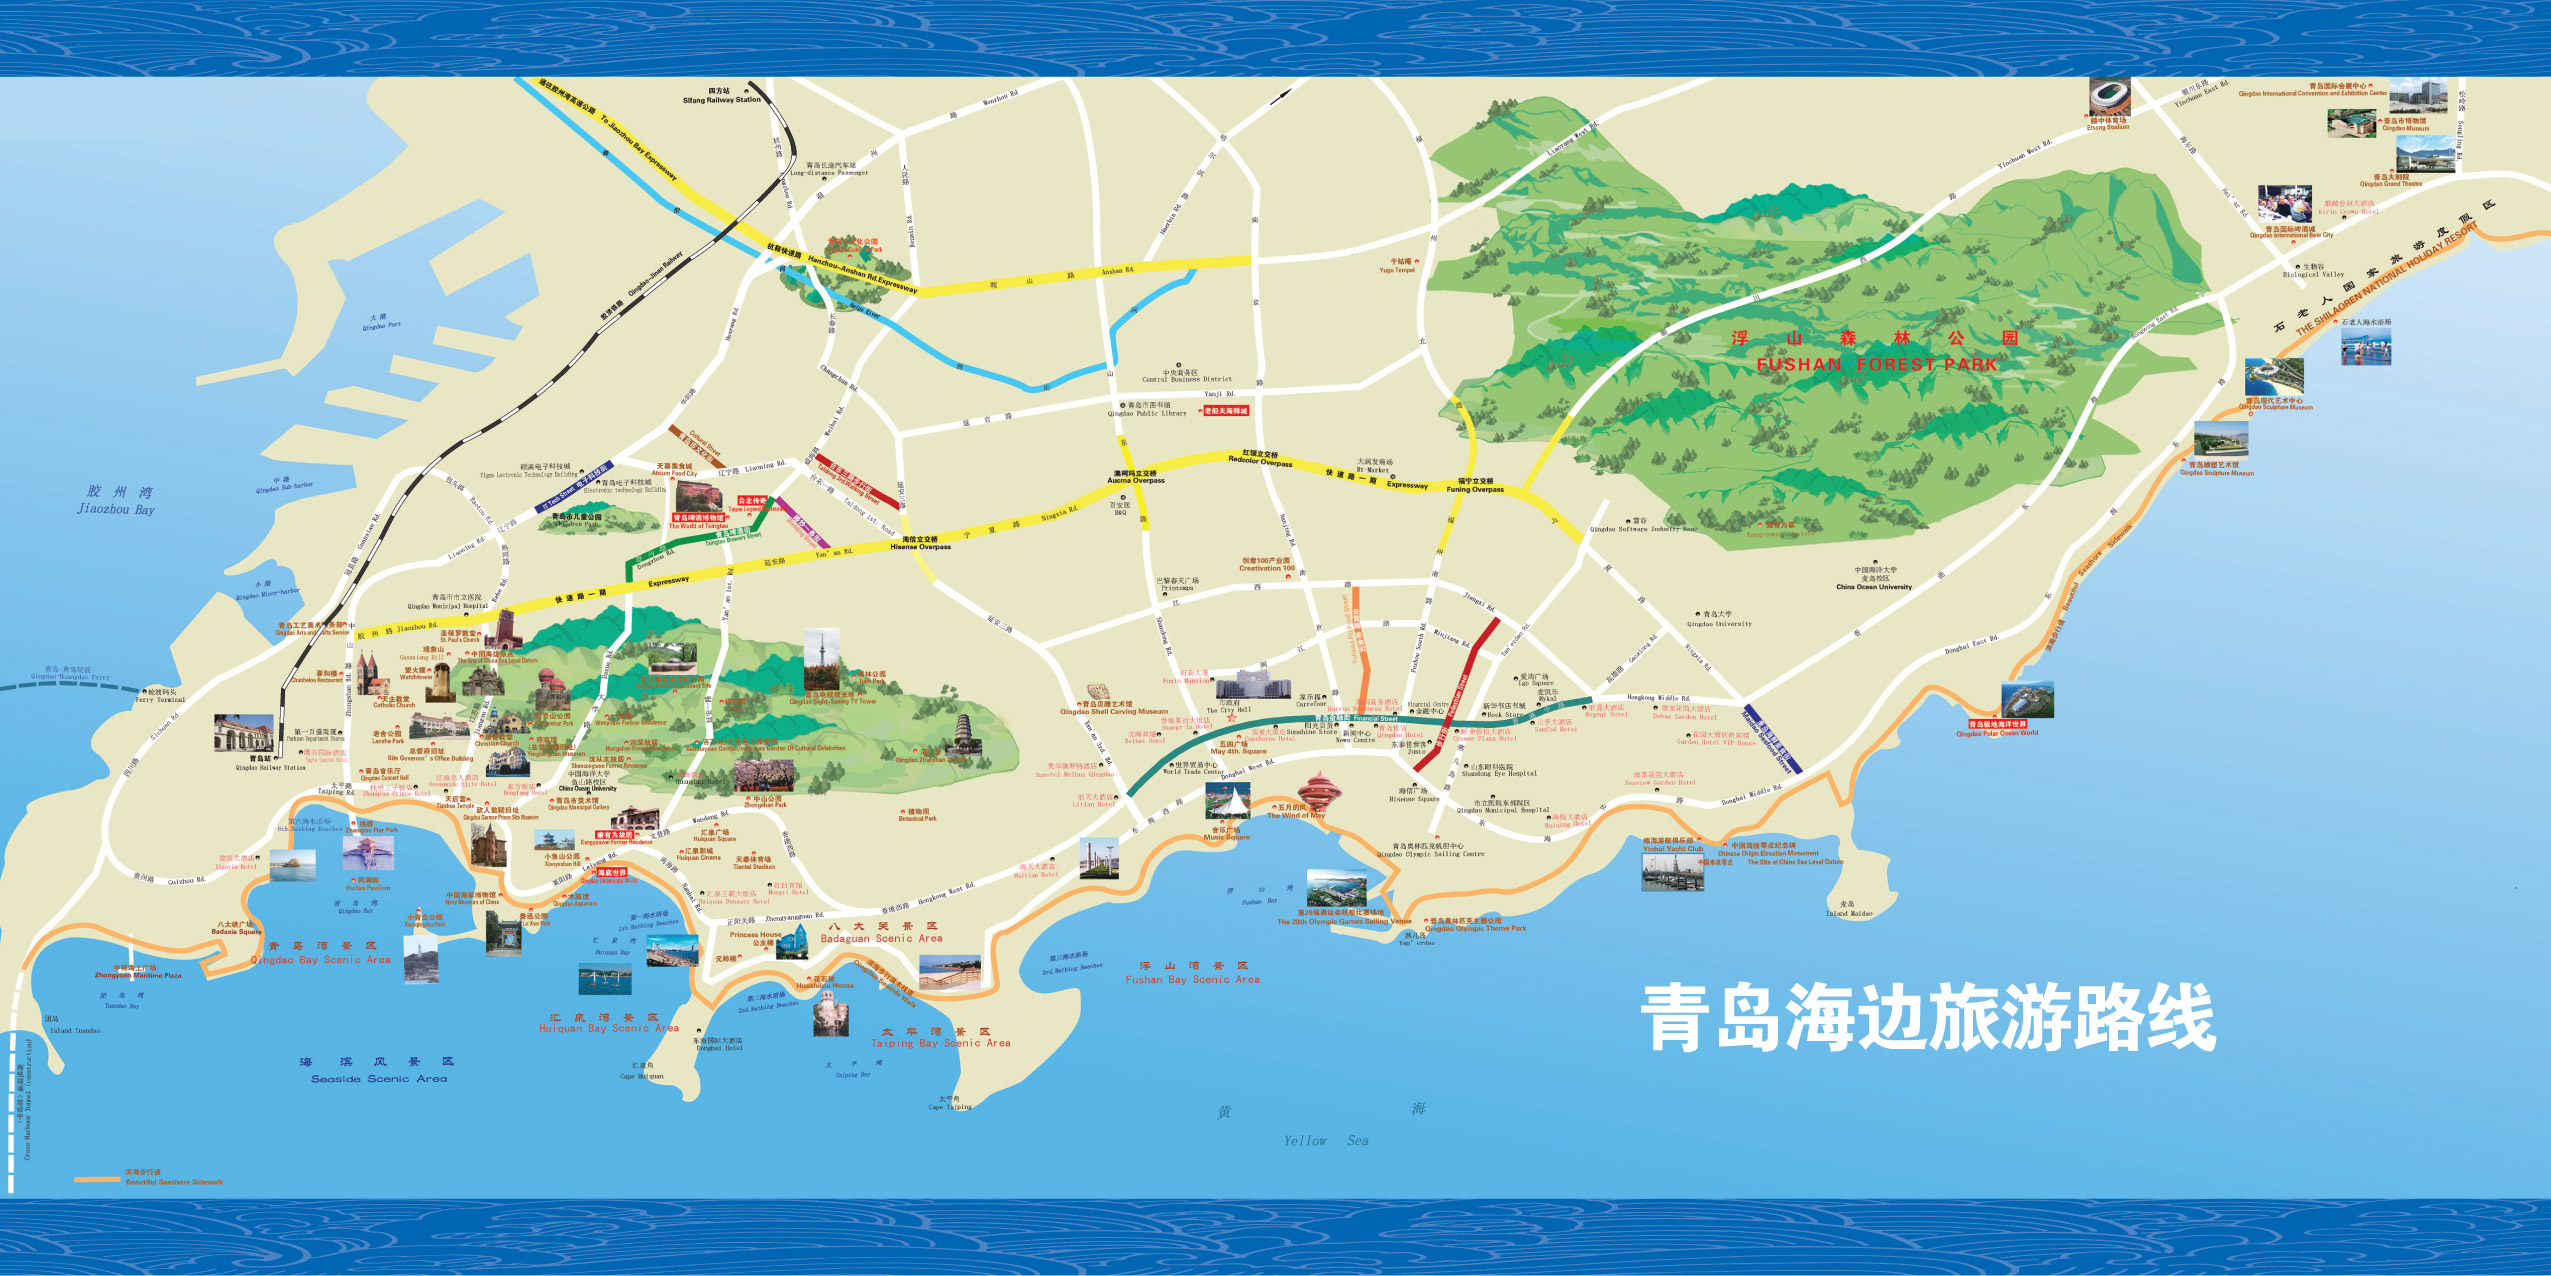 青岛美食地图手绘